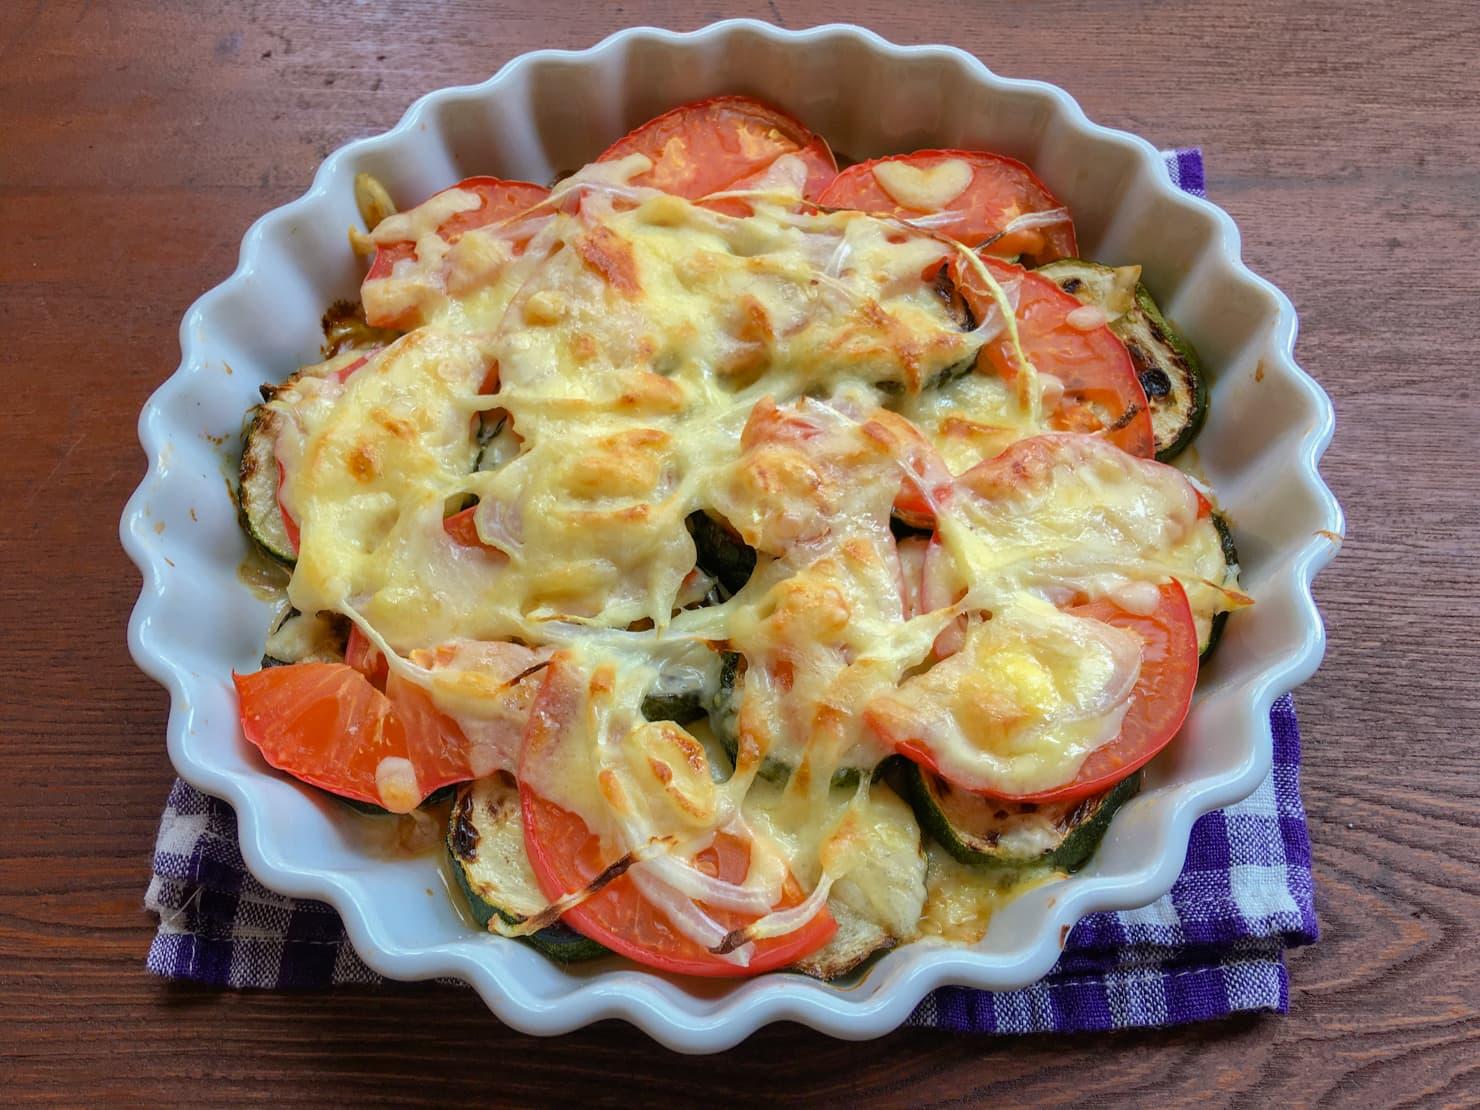 ズッキーニとトマトの簡単チーズ焼きの写真